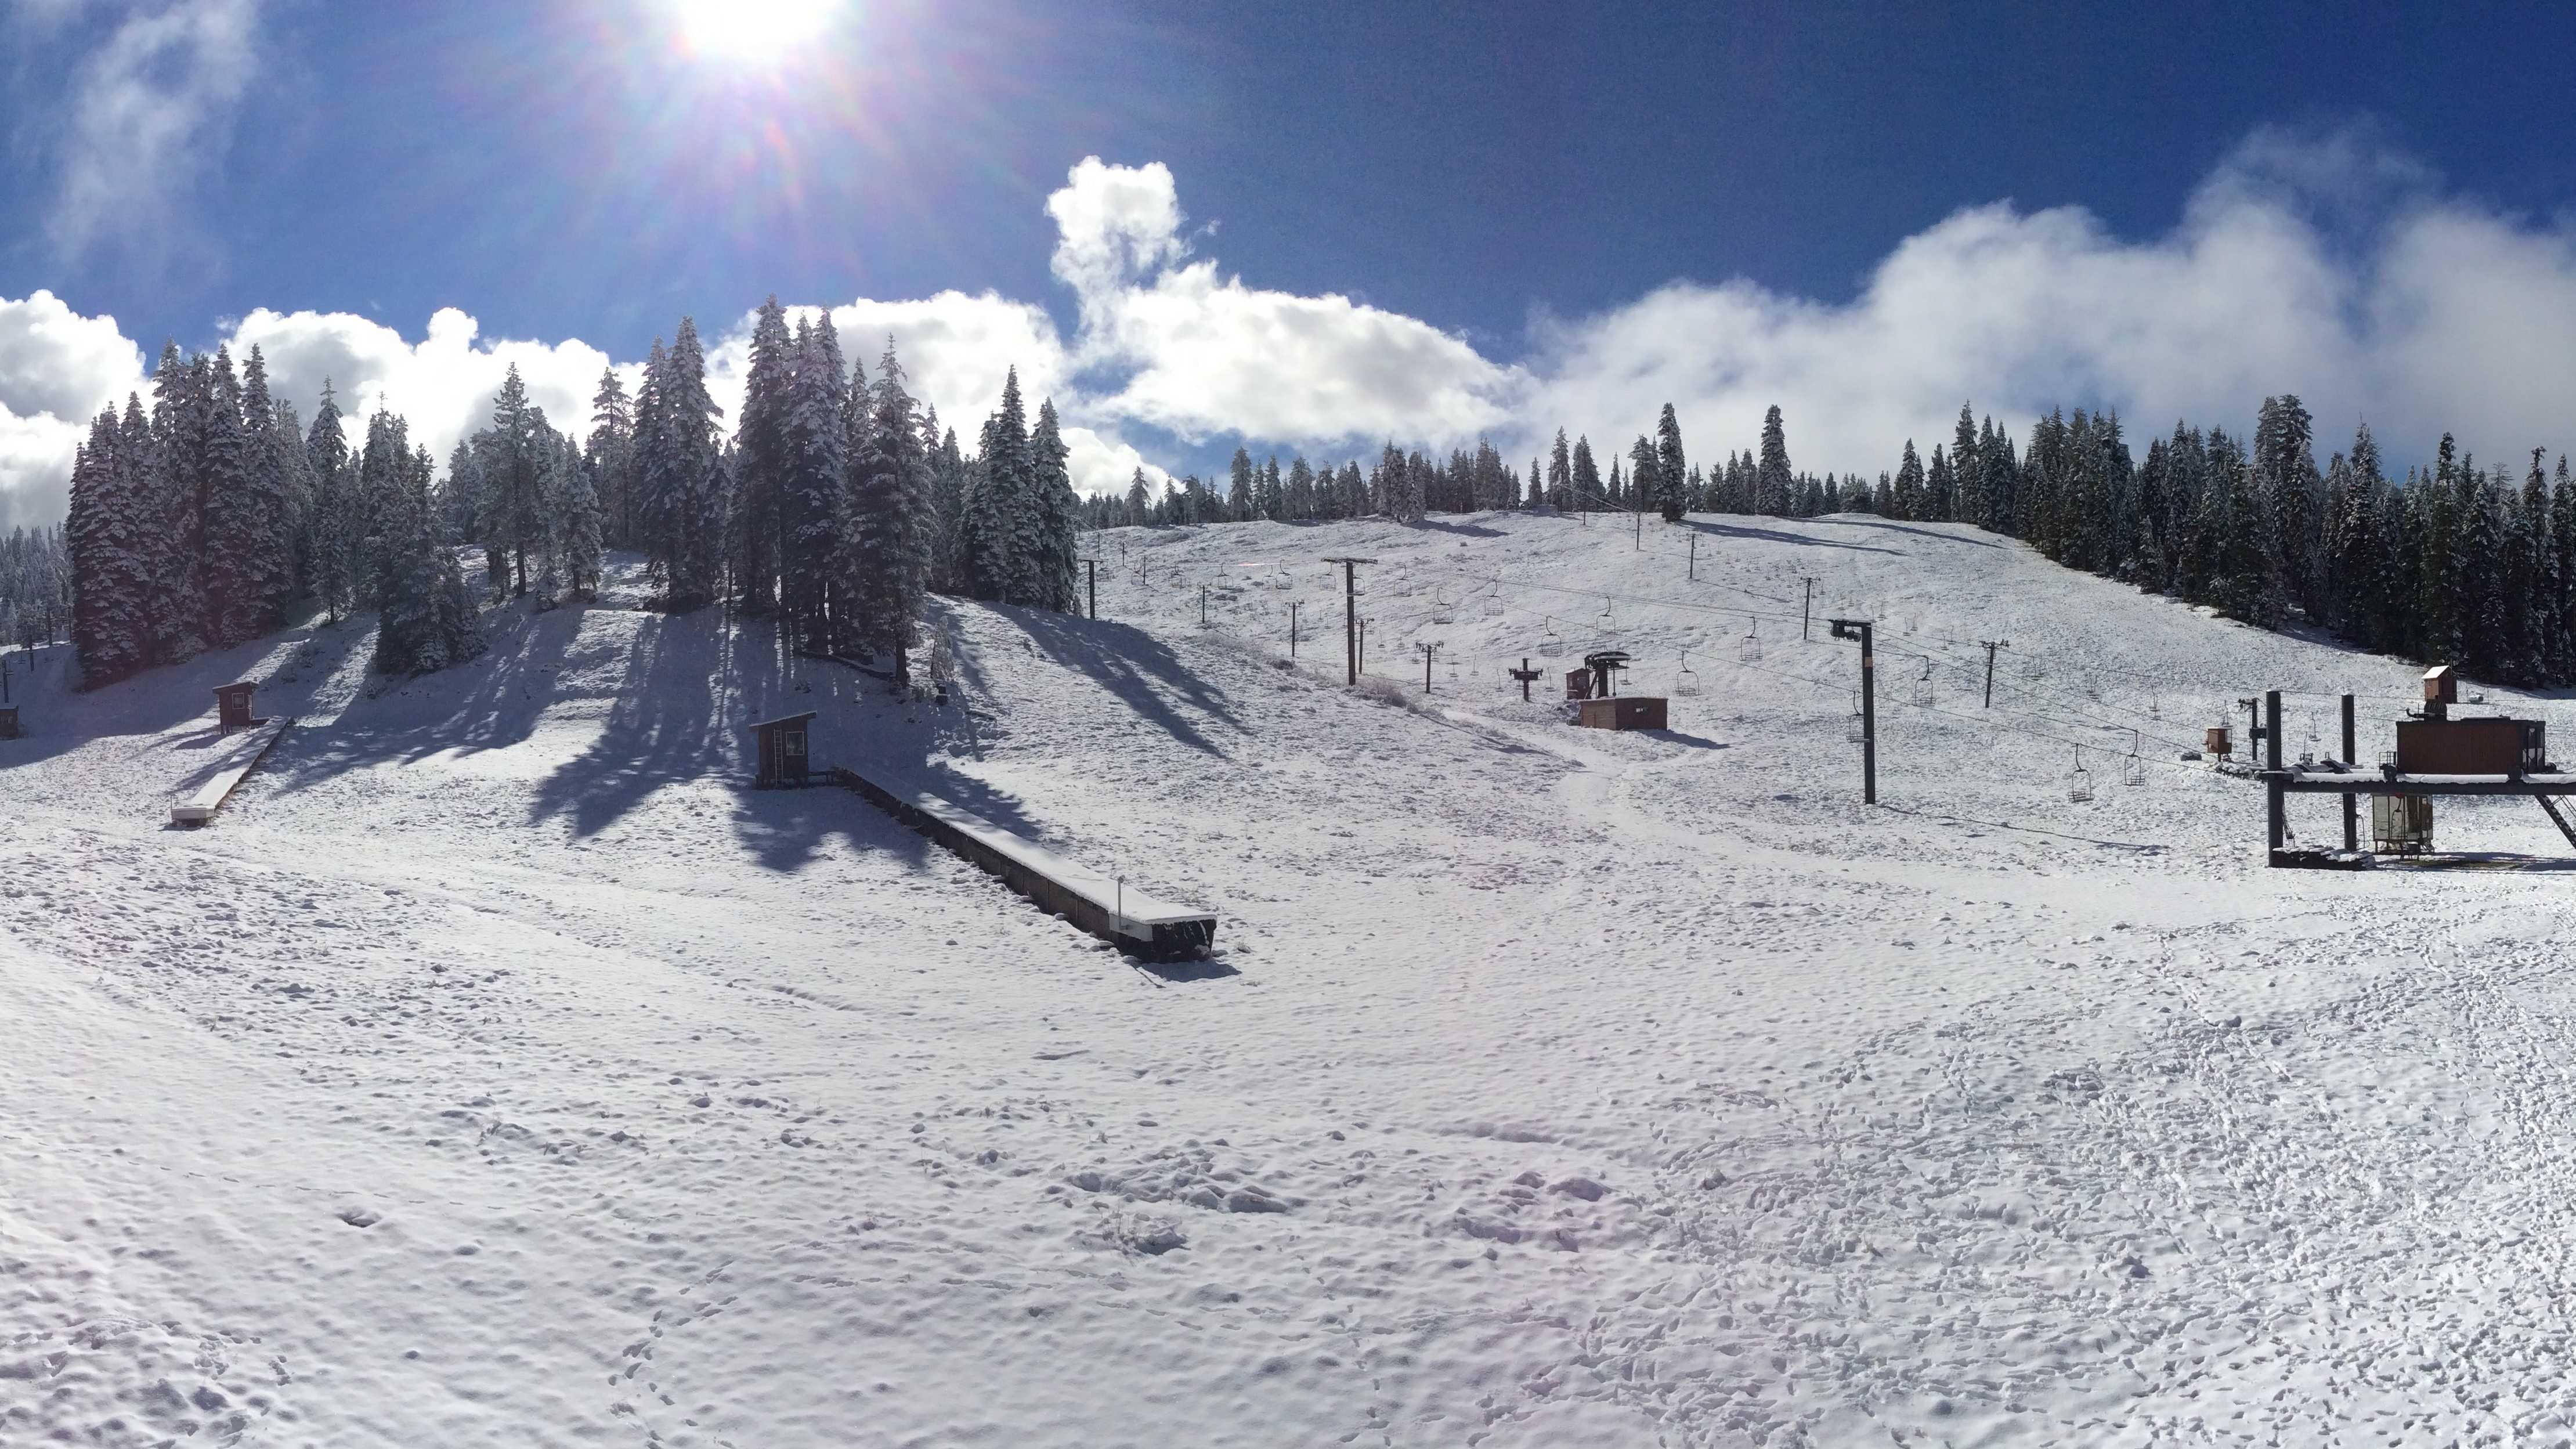 Dodge Ridge Ski Area